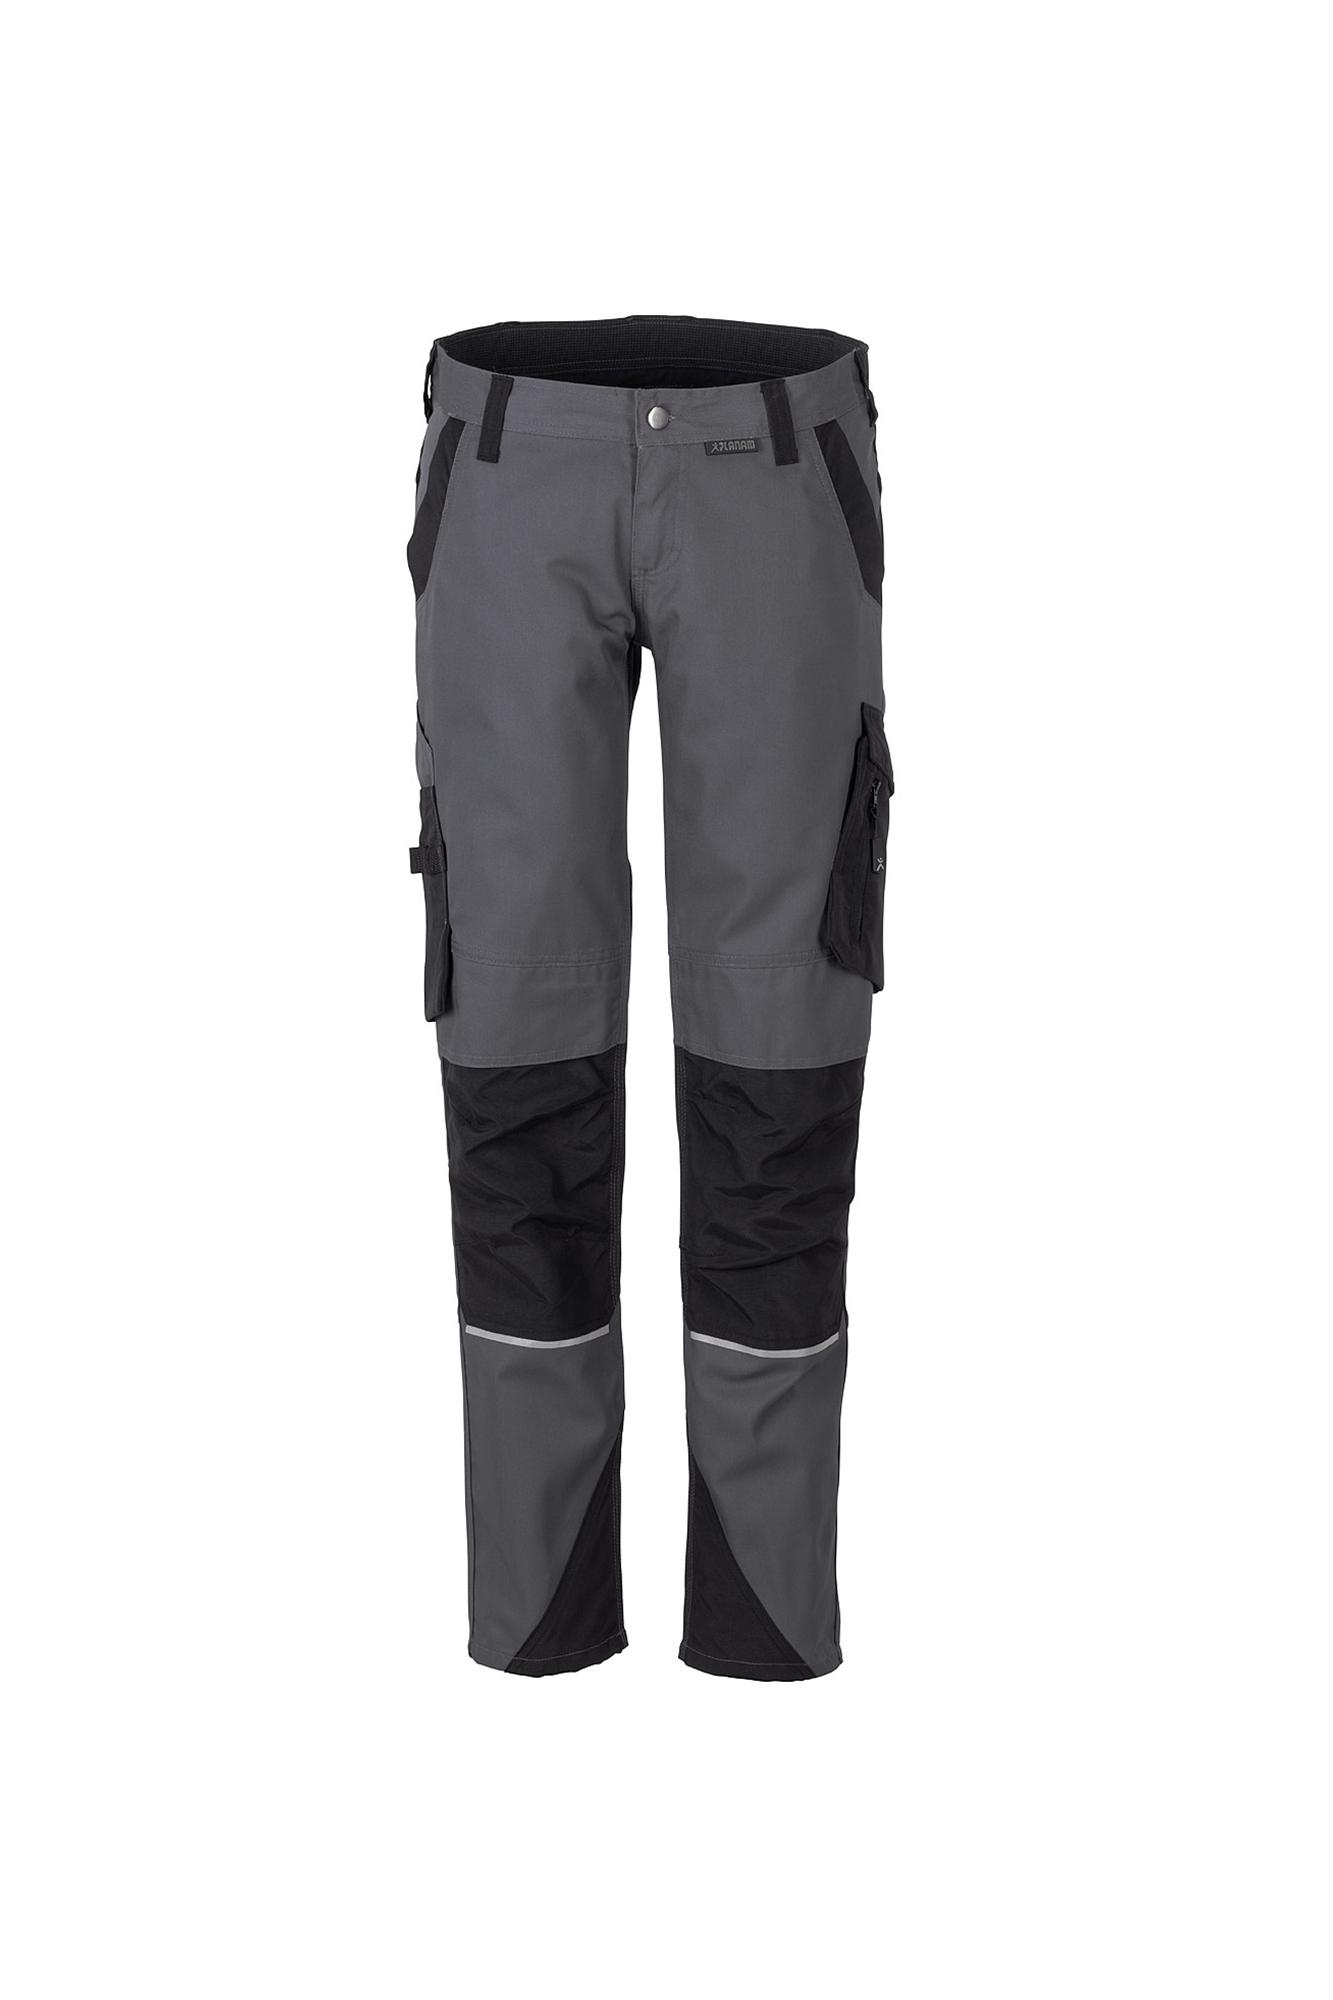 Puma Workwear Male Herren Bundhose Arbeitshose 30 261030